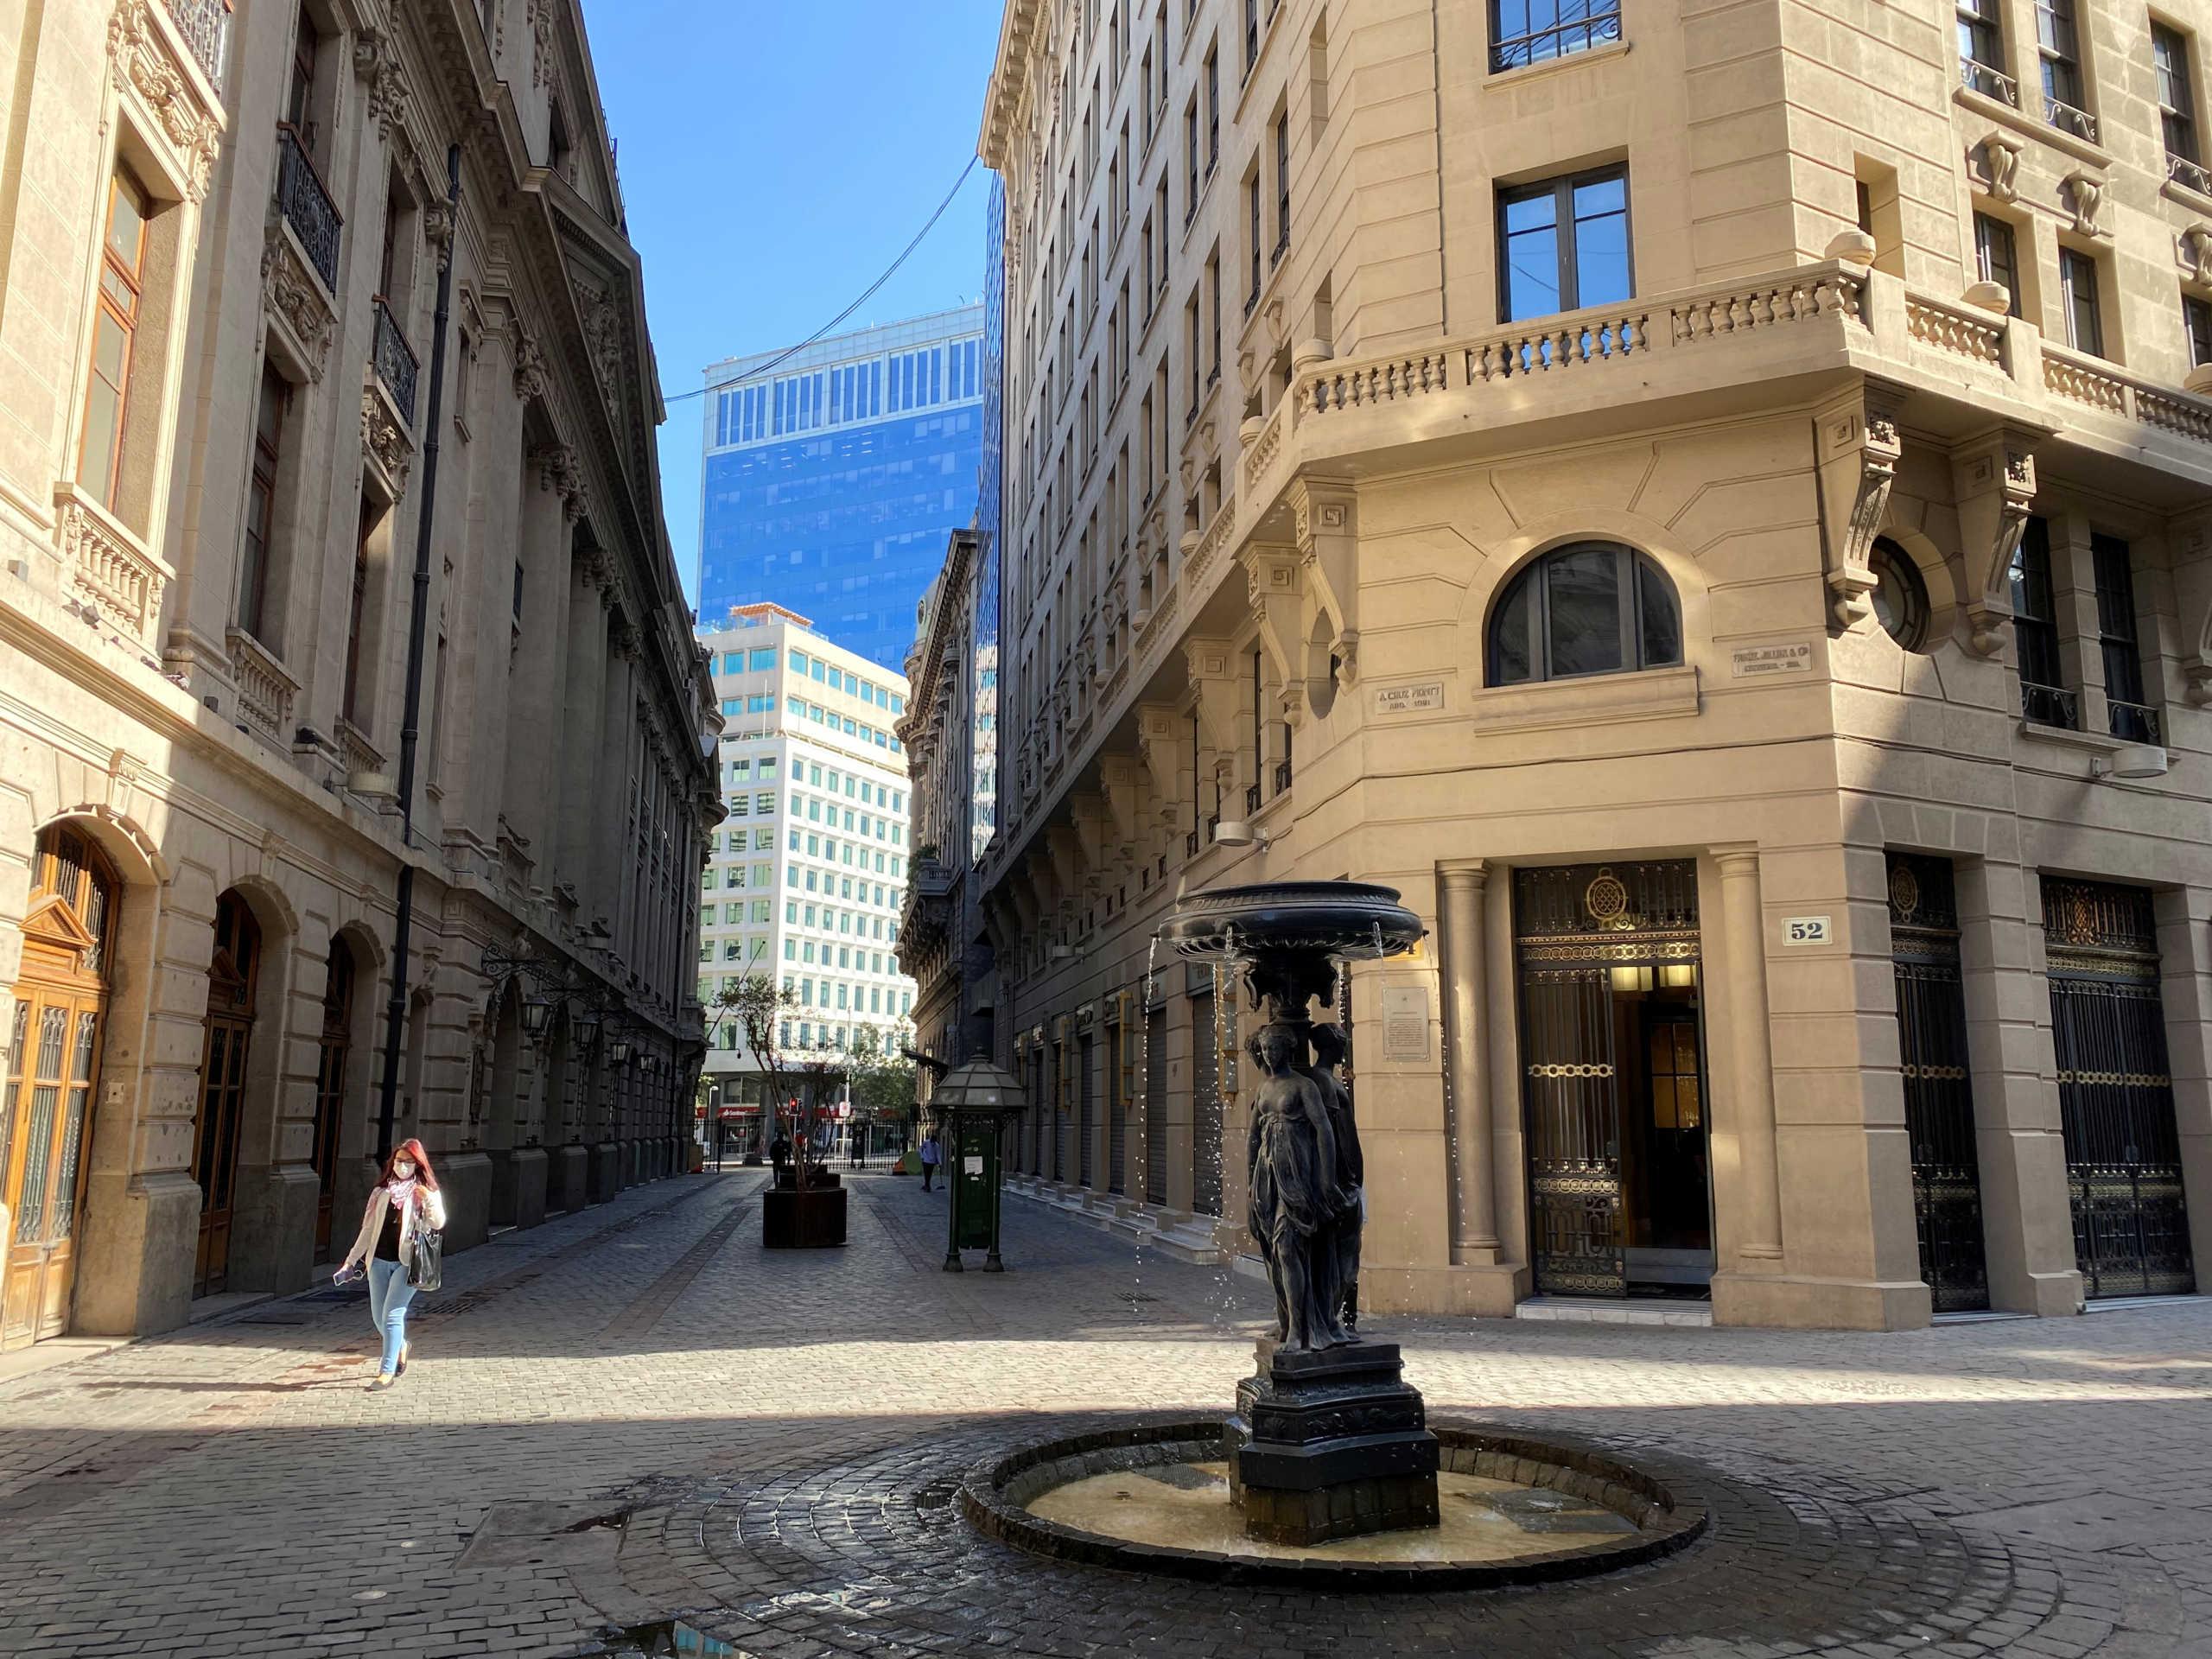 Ο κορονοϊός βάζει σε καραντίνα 1,3 εκατ. πολίτες στο Σαντιάγο